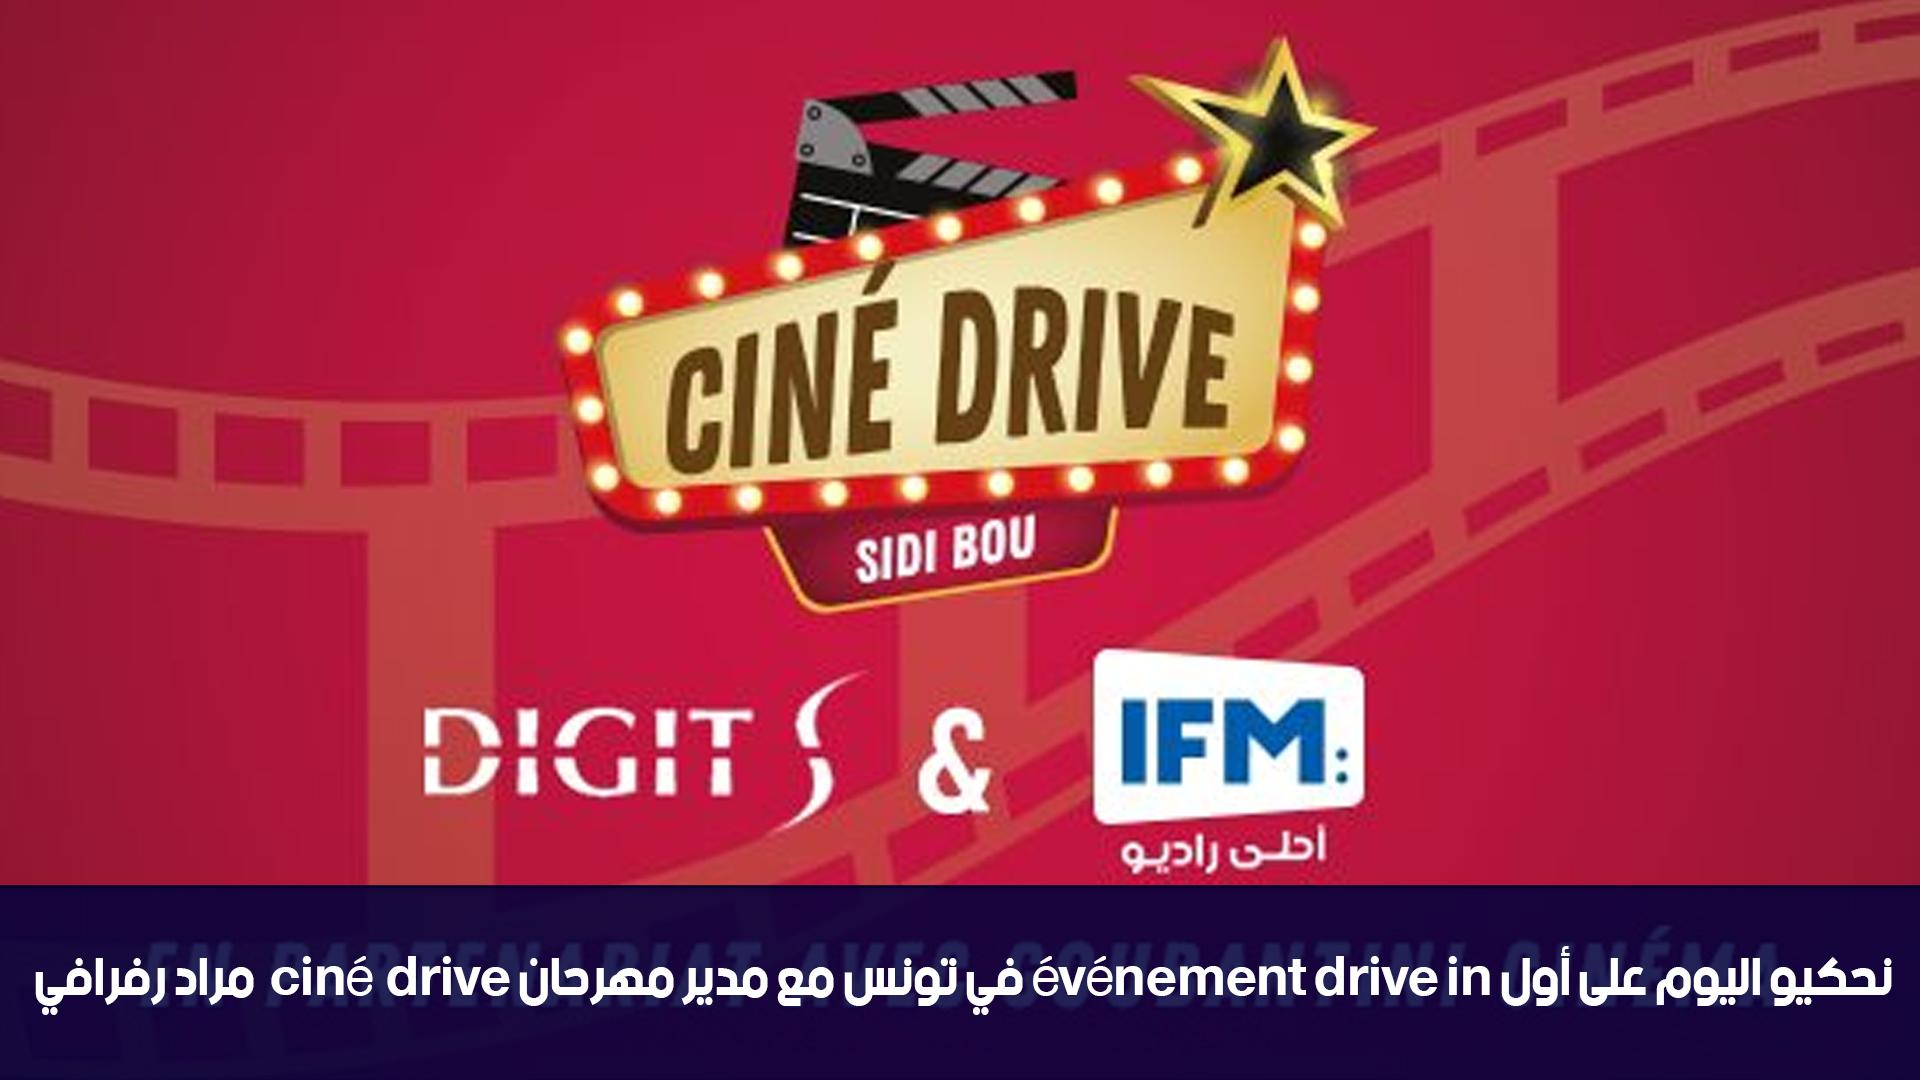 نحكيو اليوم على أول événement drive in في تونس مع مدير مهرحان ciné drive مراد رفرافي